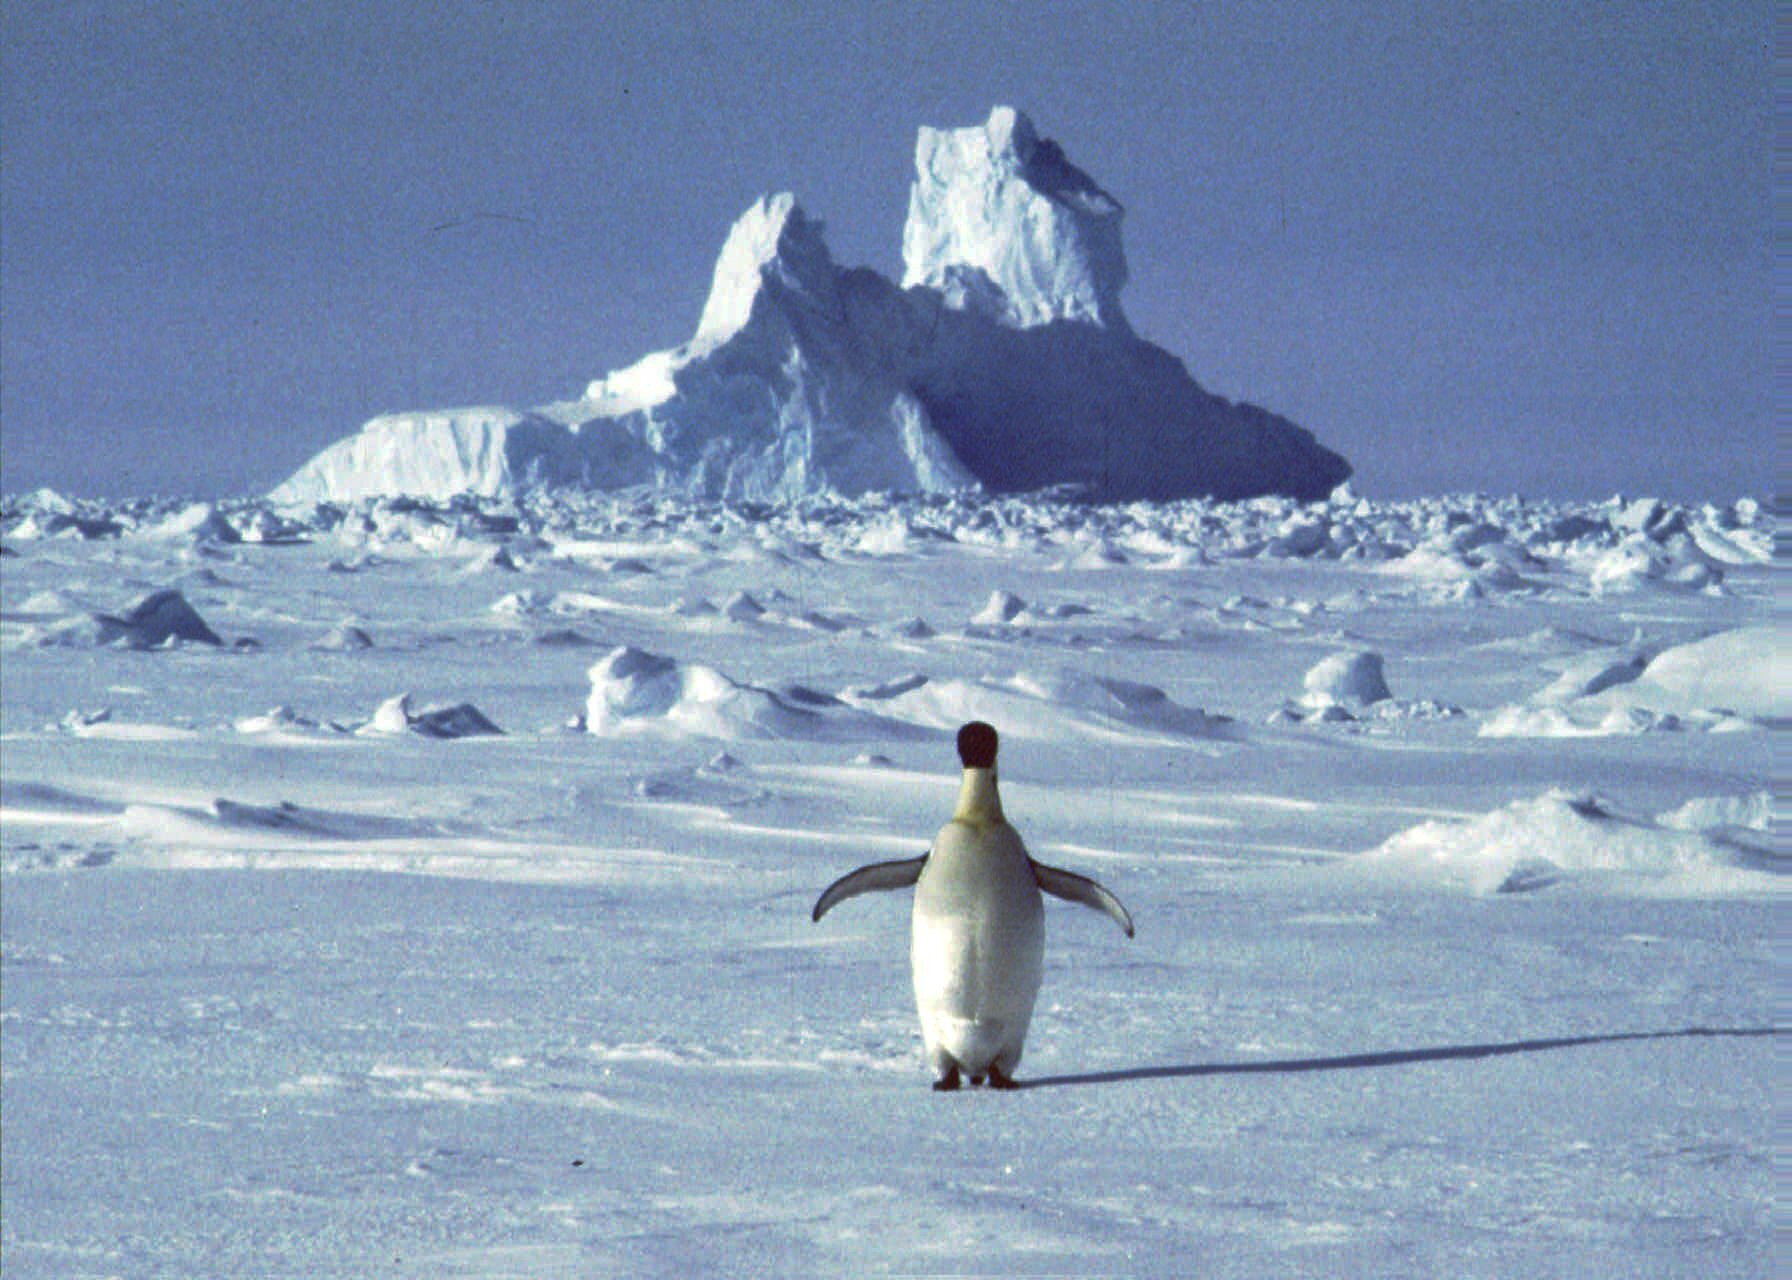 SINGLE PENGUIN ON ICE